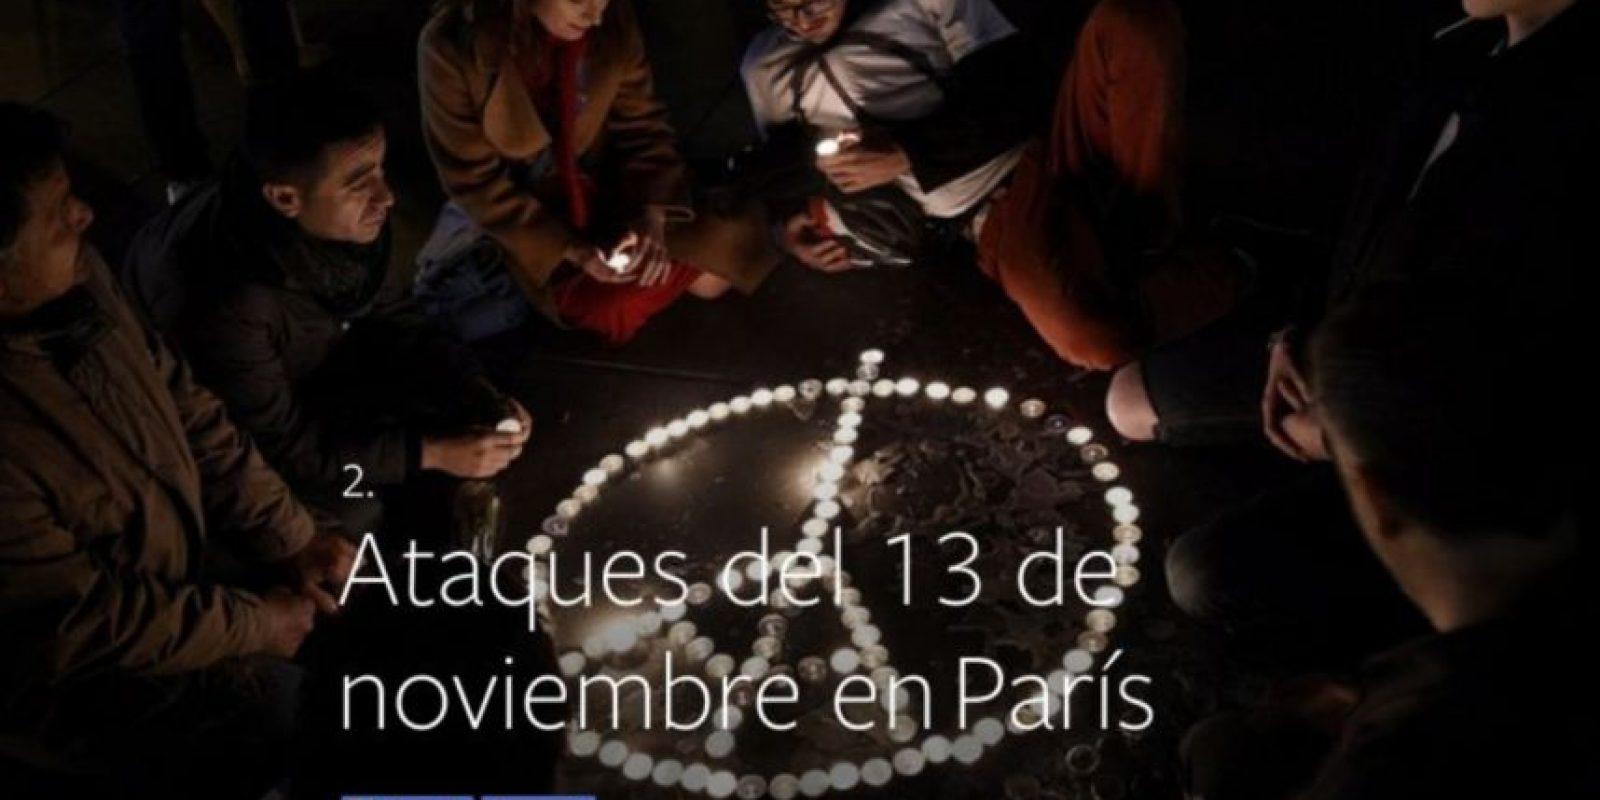 2- Ataques terroristas del 13 de noviembre en París. Foto:vía facebook.com